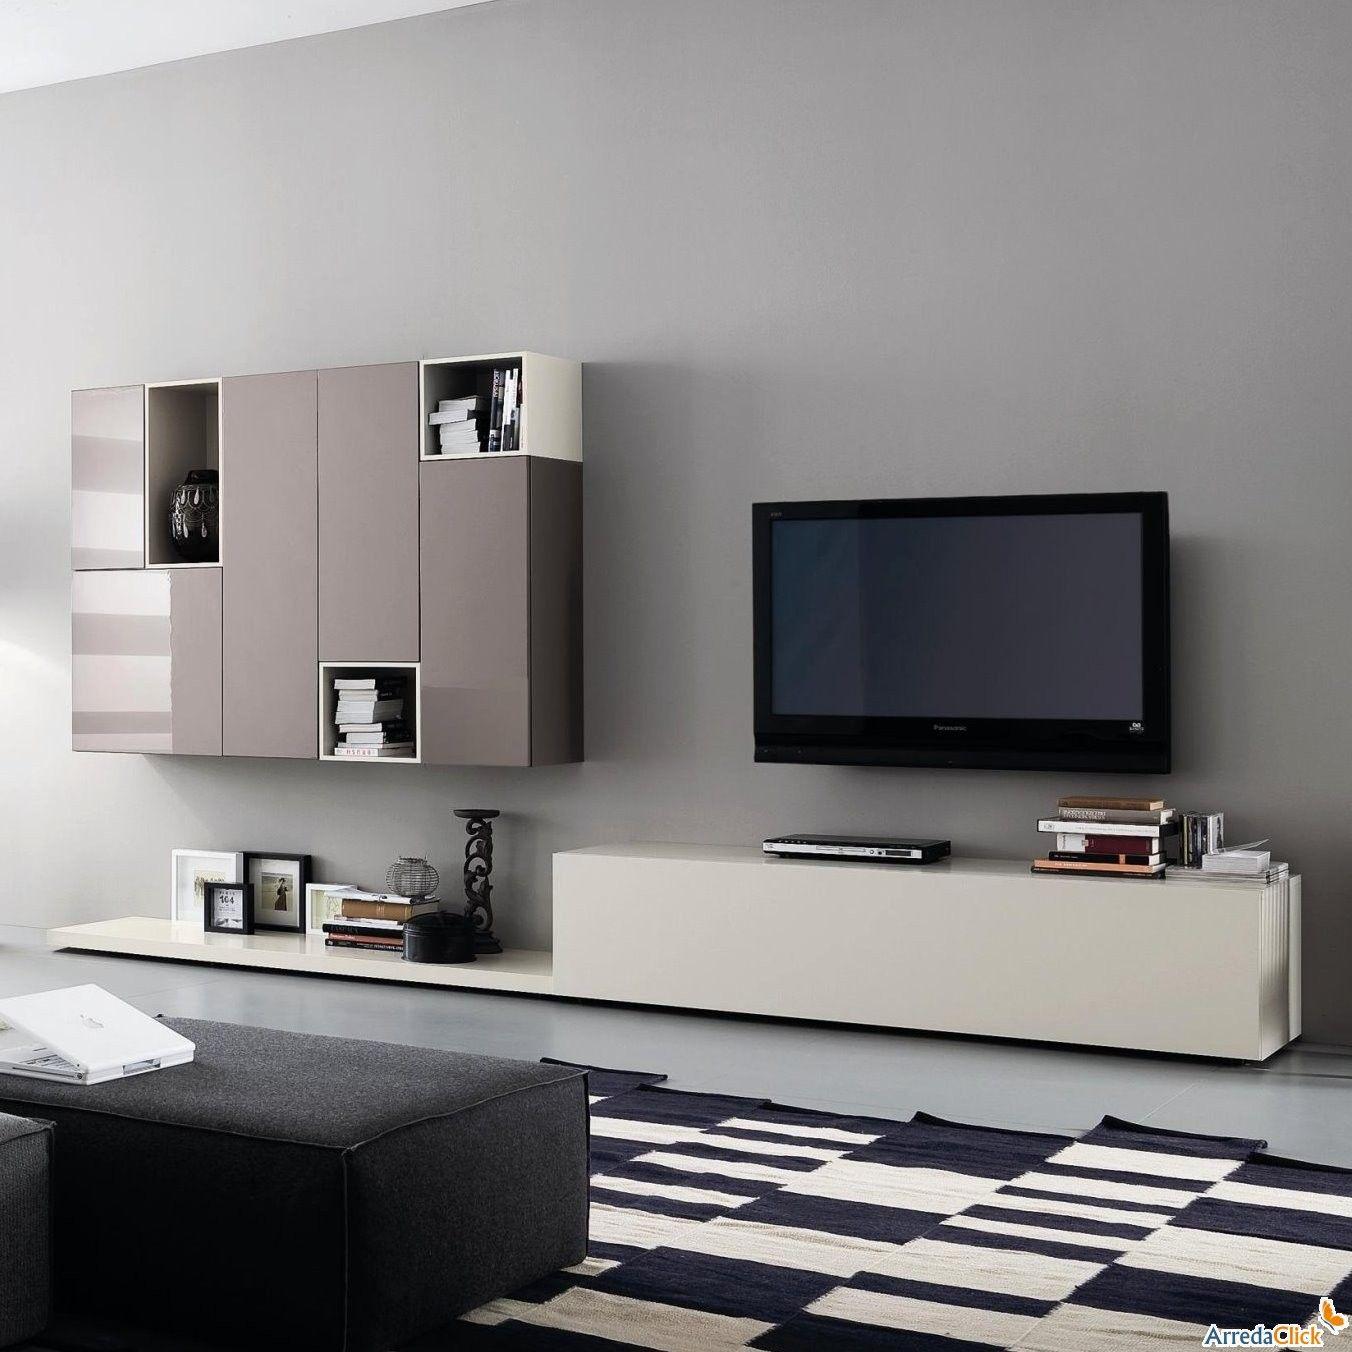 Trend Matrix moderne wei e und graue Wohnwand Lowboard mit Schubkasten Bank und Kompomposition von H ngeschr nken